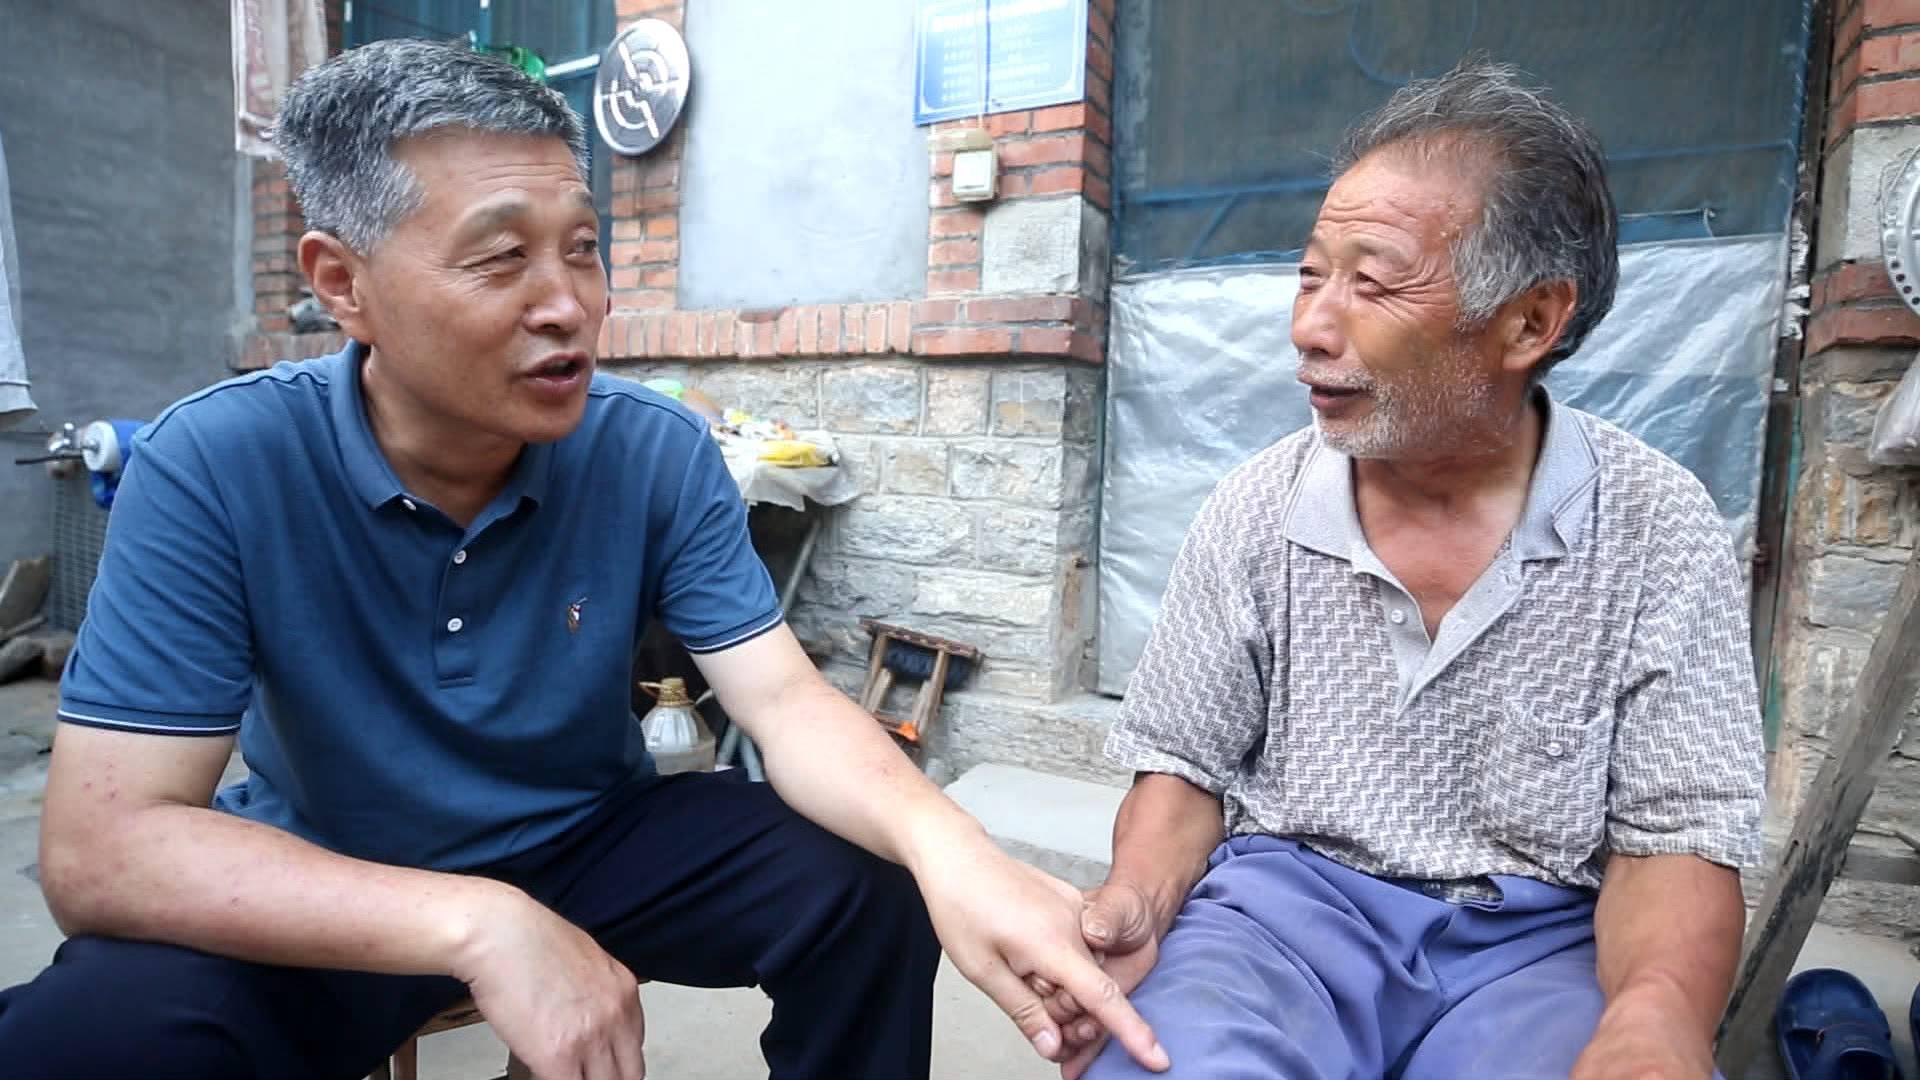 """幸福的起点丨为修路与村民拌嘴,吃了气的淄博""""第一书记""""是如何化解的?"""